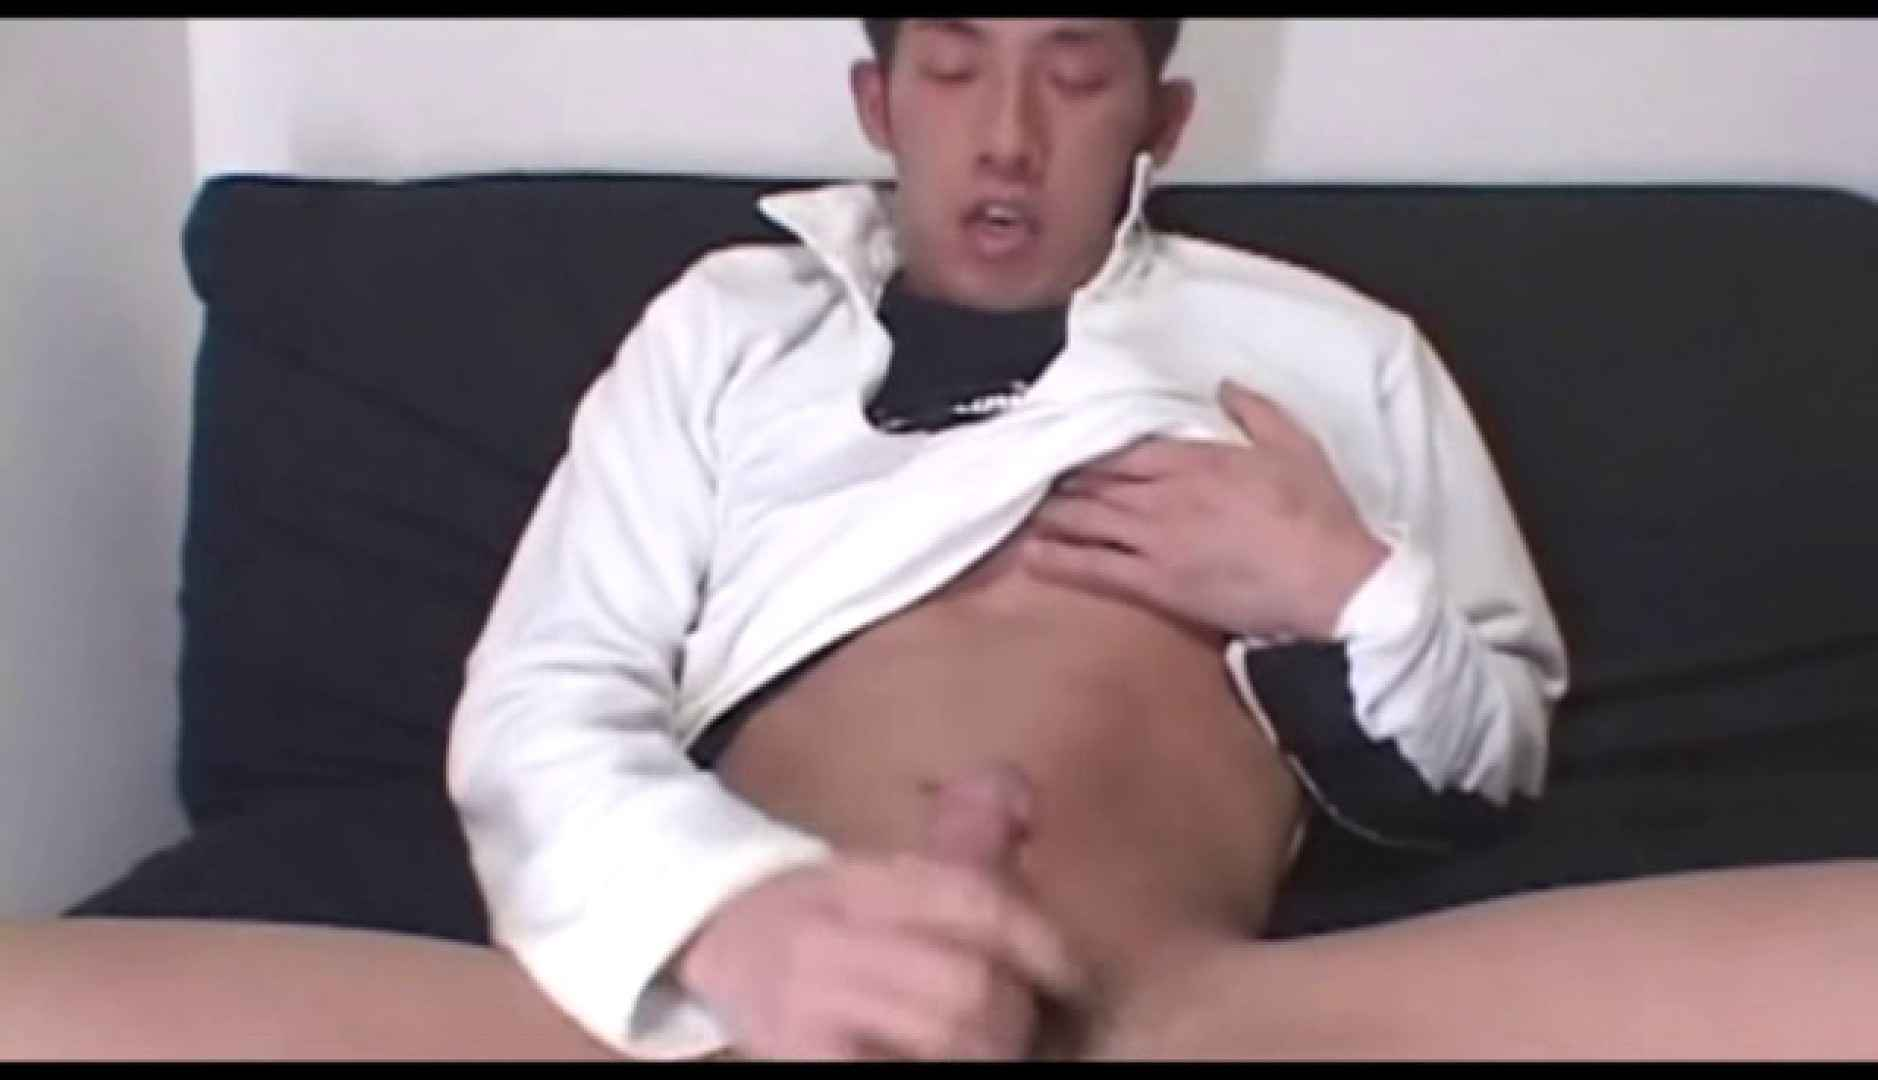 イケメンダブルス!Vol.05 シックス・ナイン 男同士画像 106pic 41